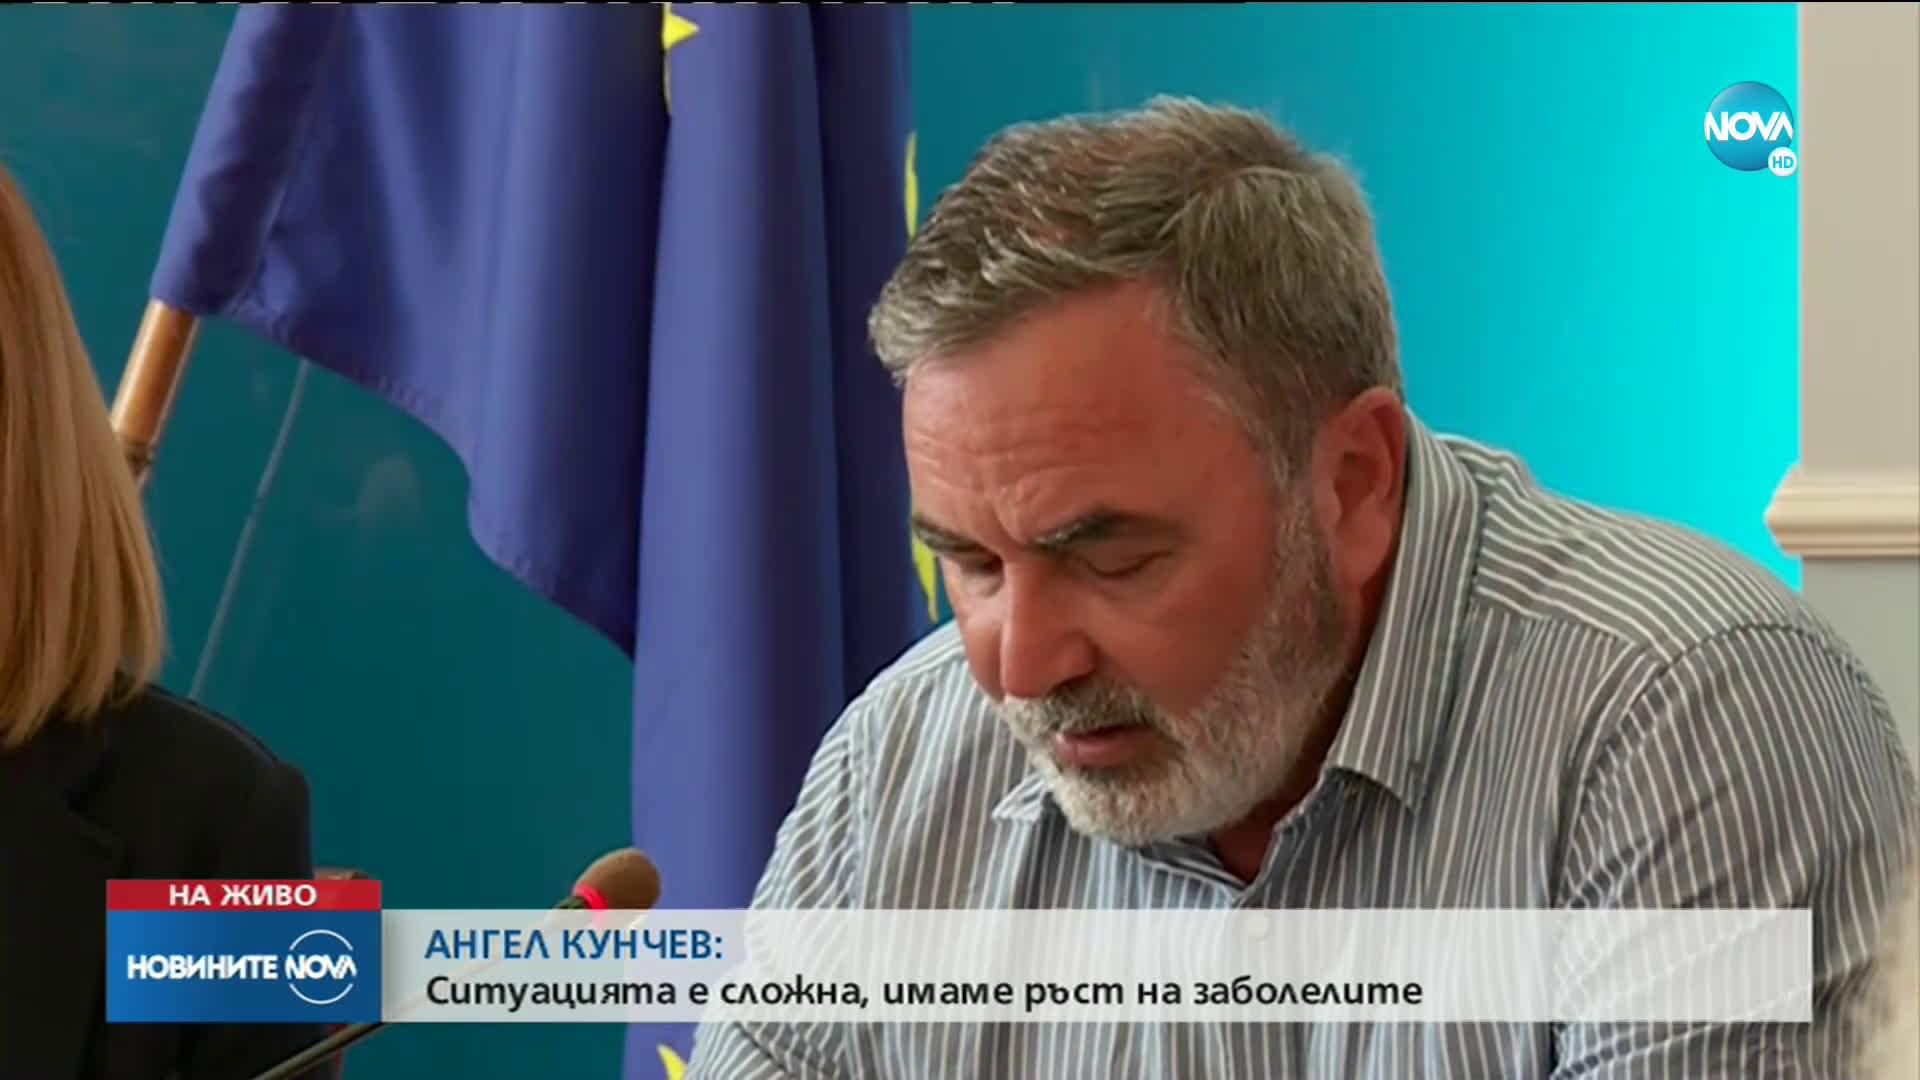 Нови строги мерки на открити и закрити мероприятия в България